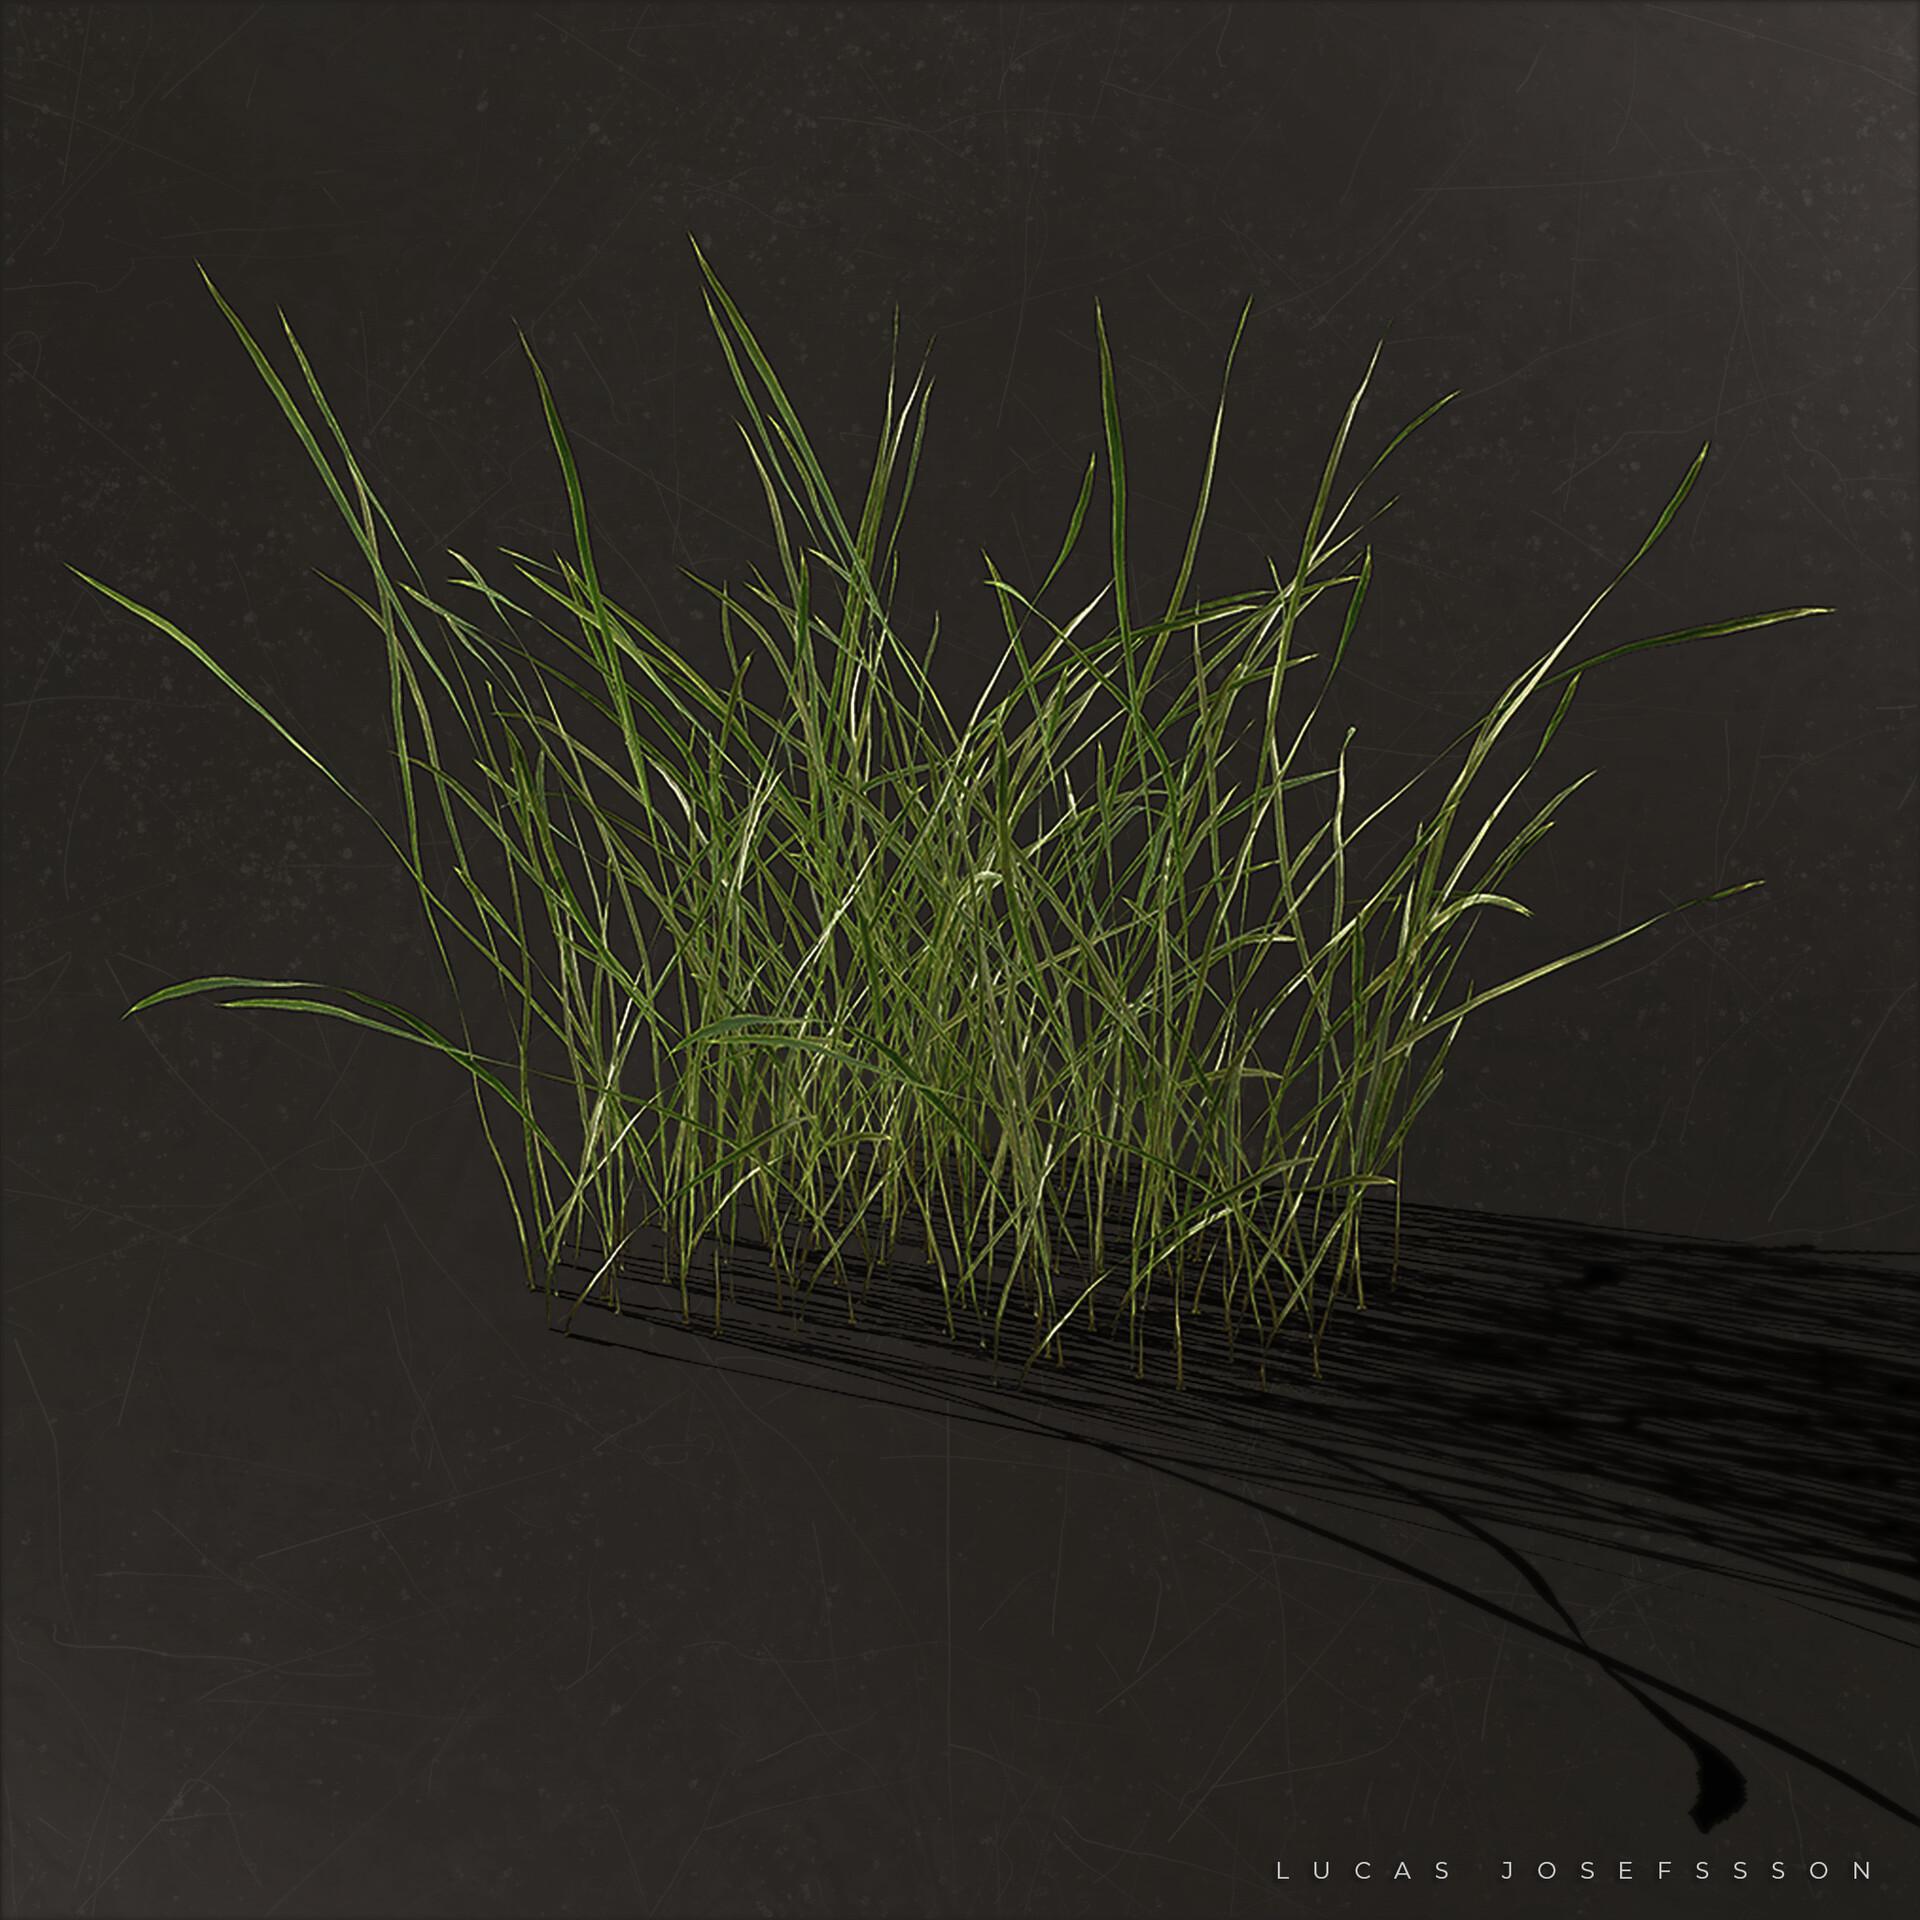 Lucas josefsson lucasjosefsson wildegrass06